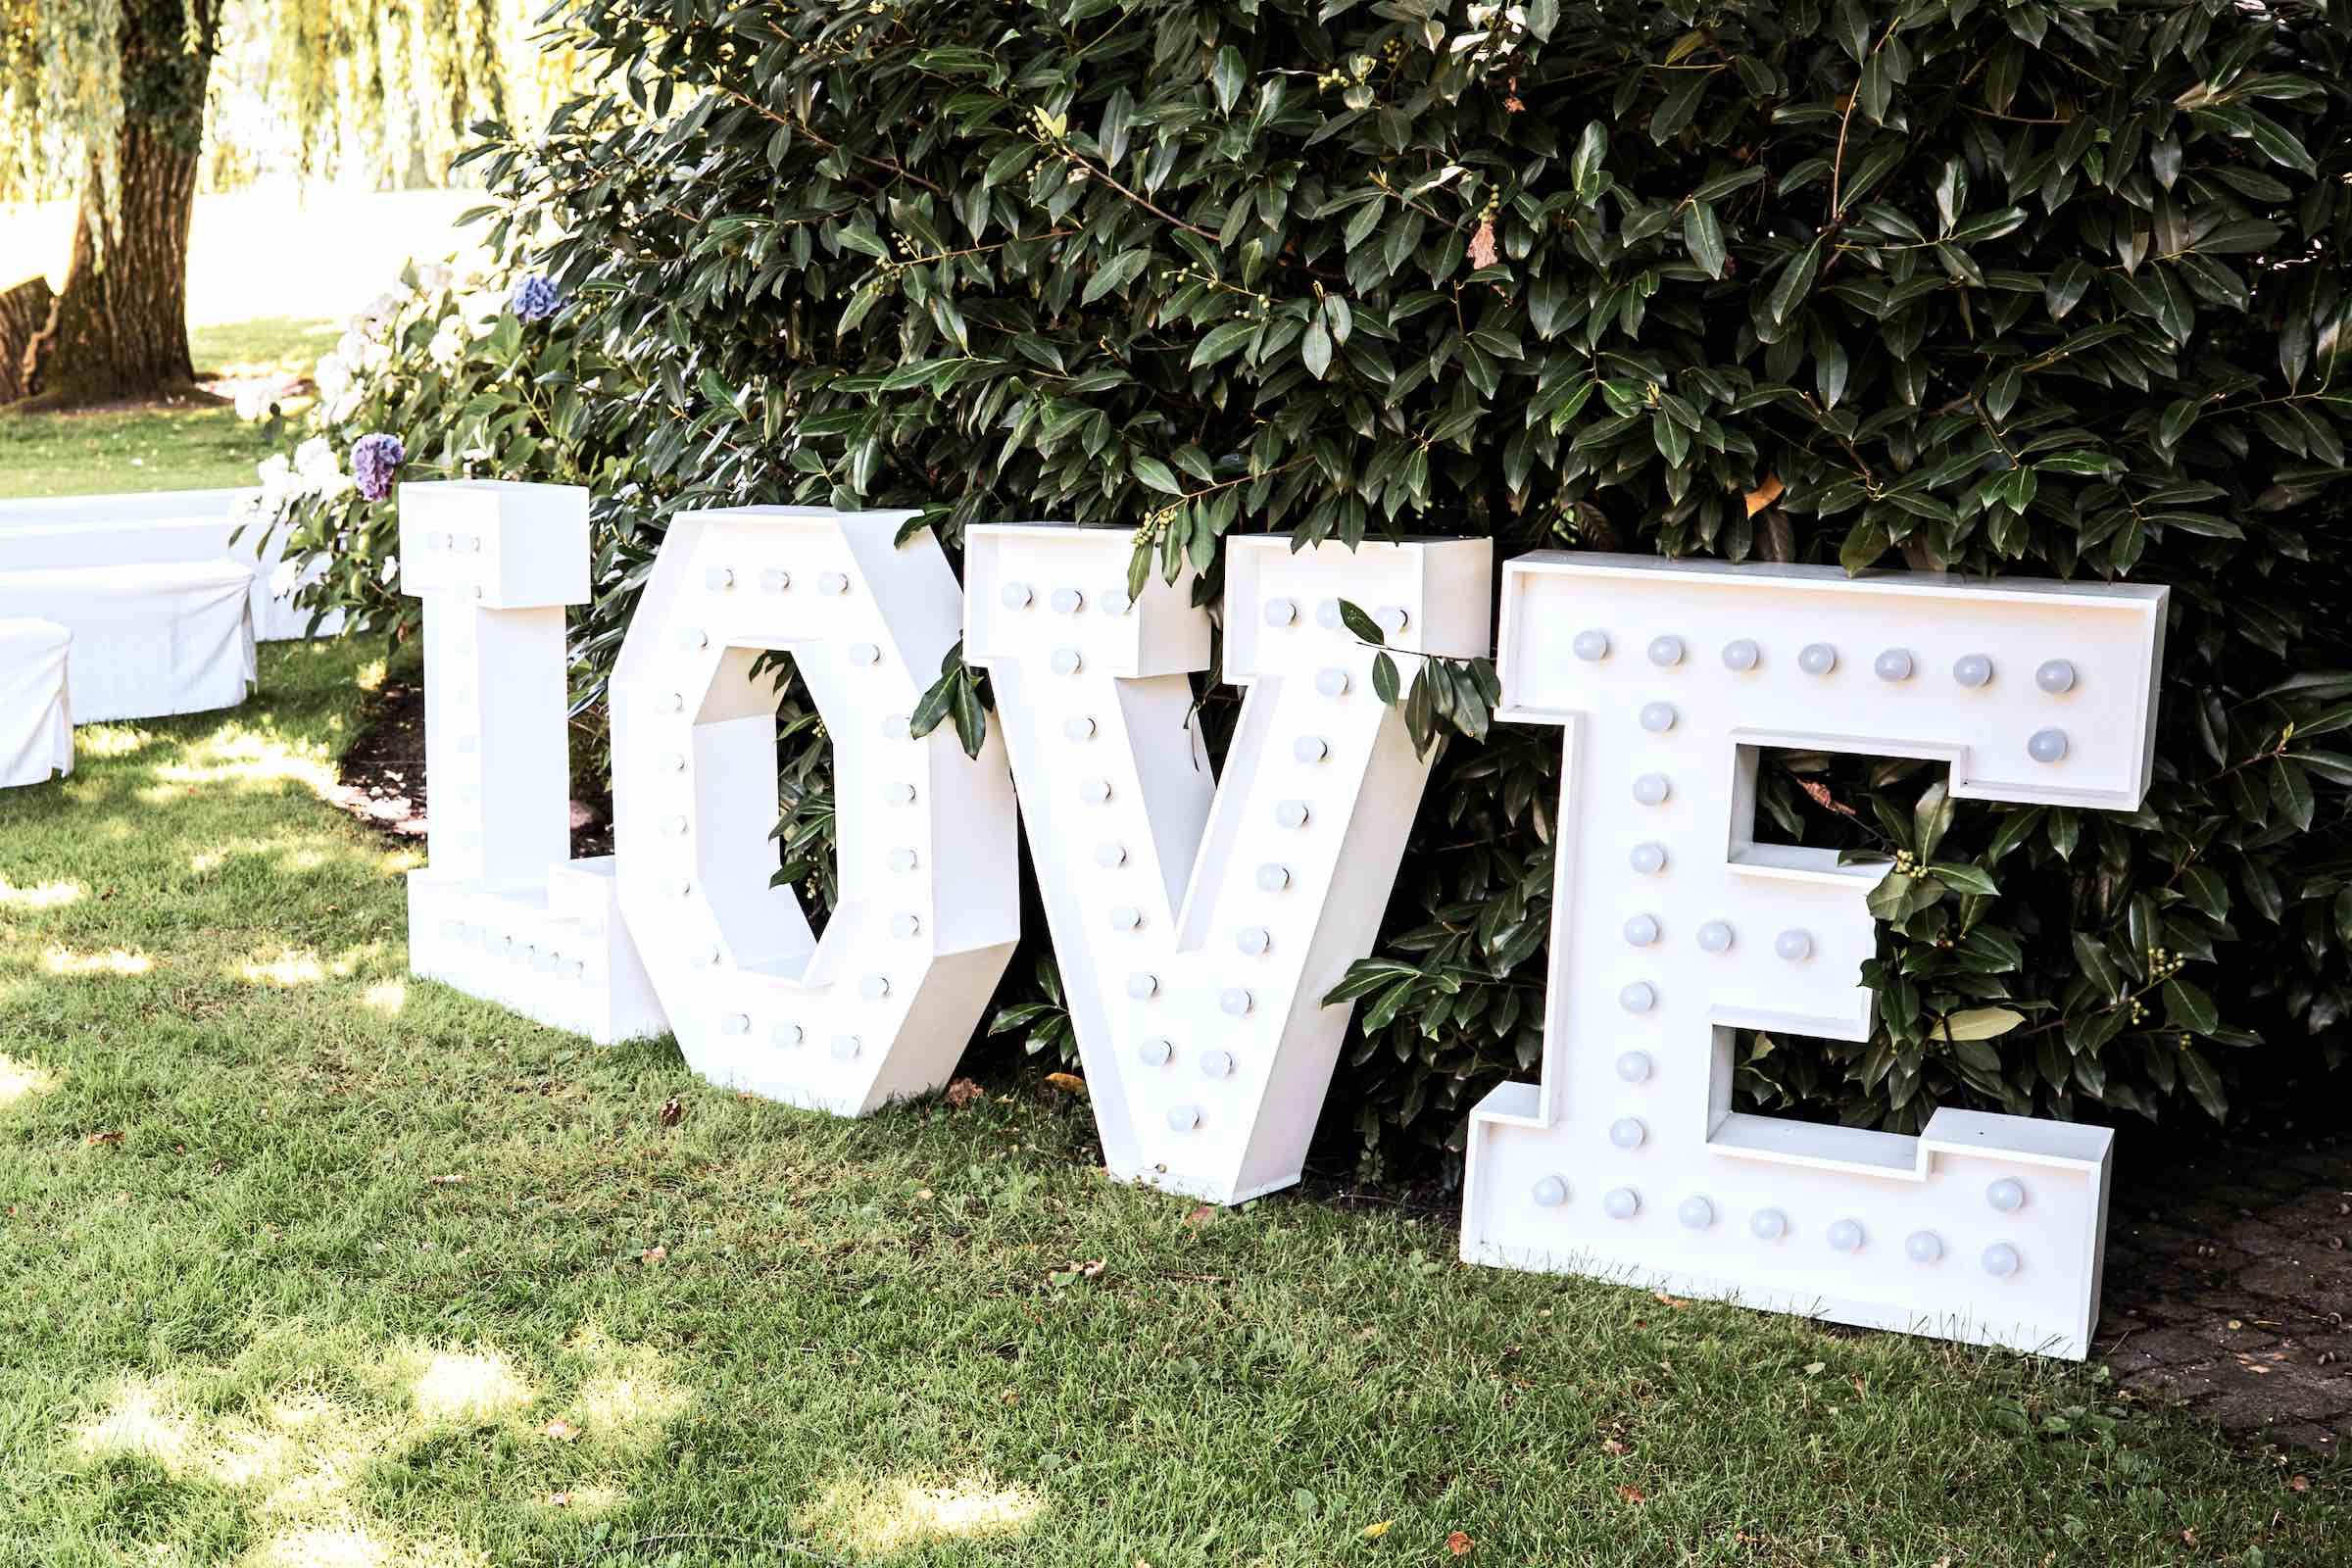 Landhaus | am | See | Hannover | Restaurant | Restaurant | Leuchtbuchstaben | LOVE | XXL | LED | Dekoration | Hochzeit | Mieten | Buchen | Hannover | Lehmann | Eventservice